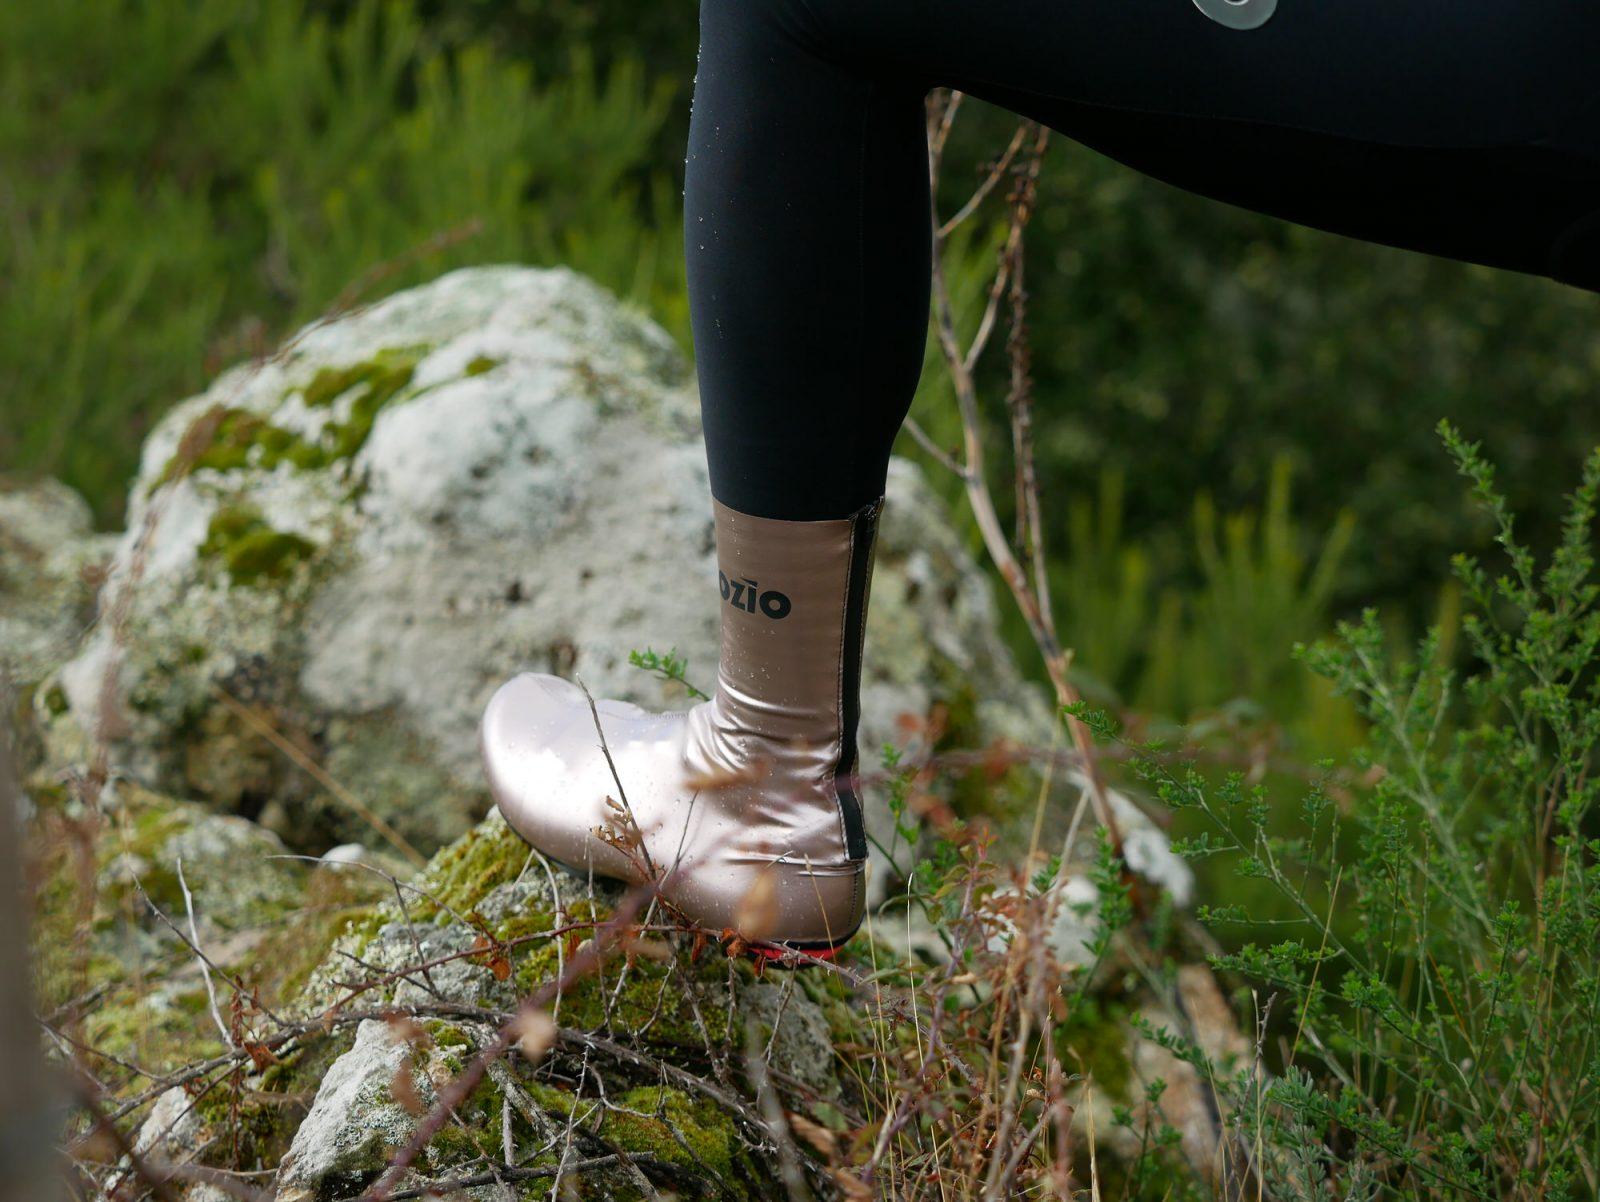 Couvre-chaussures de vélo contre la pluie bronze OZIO